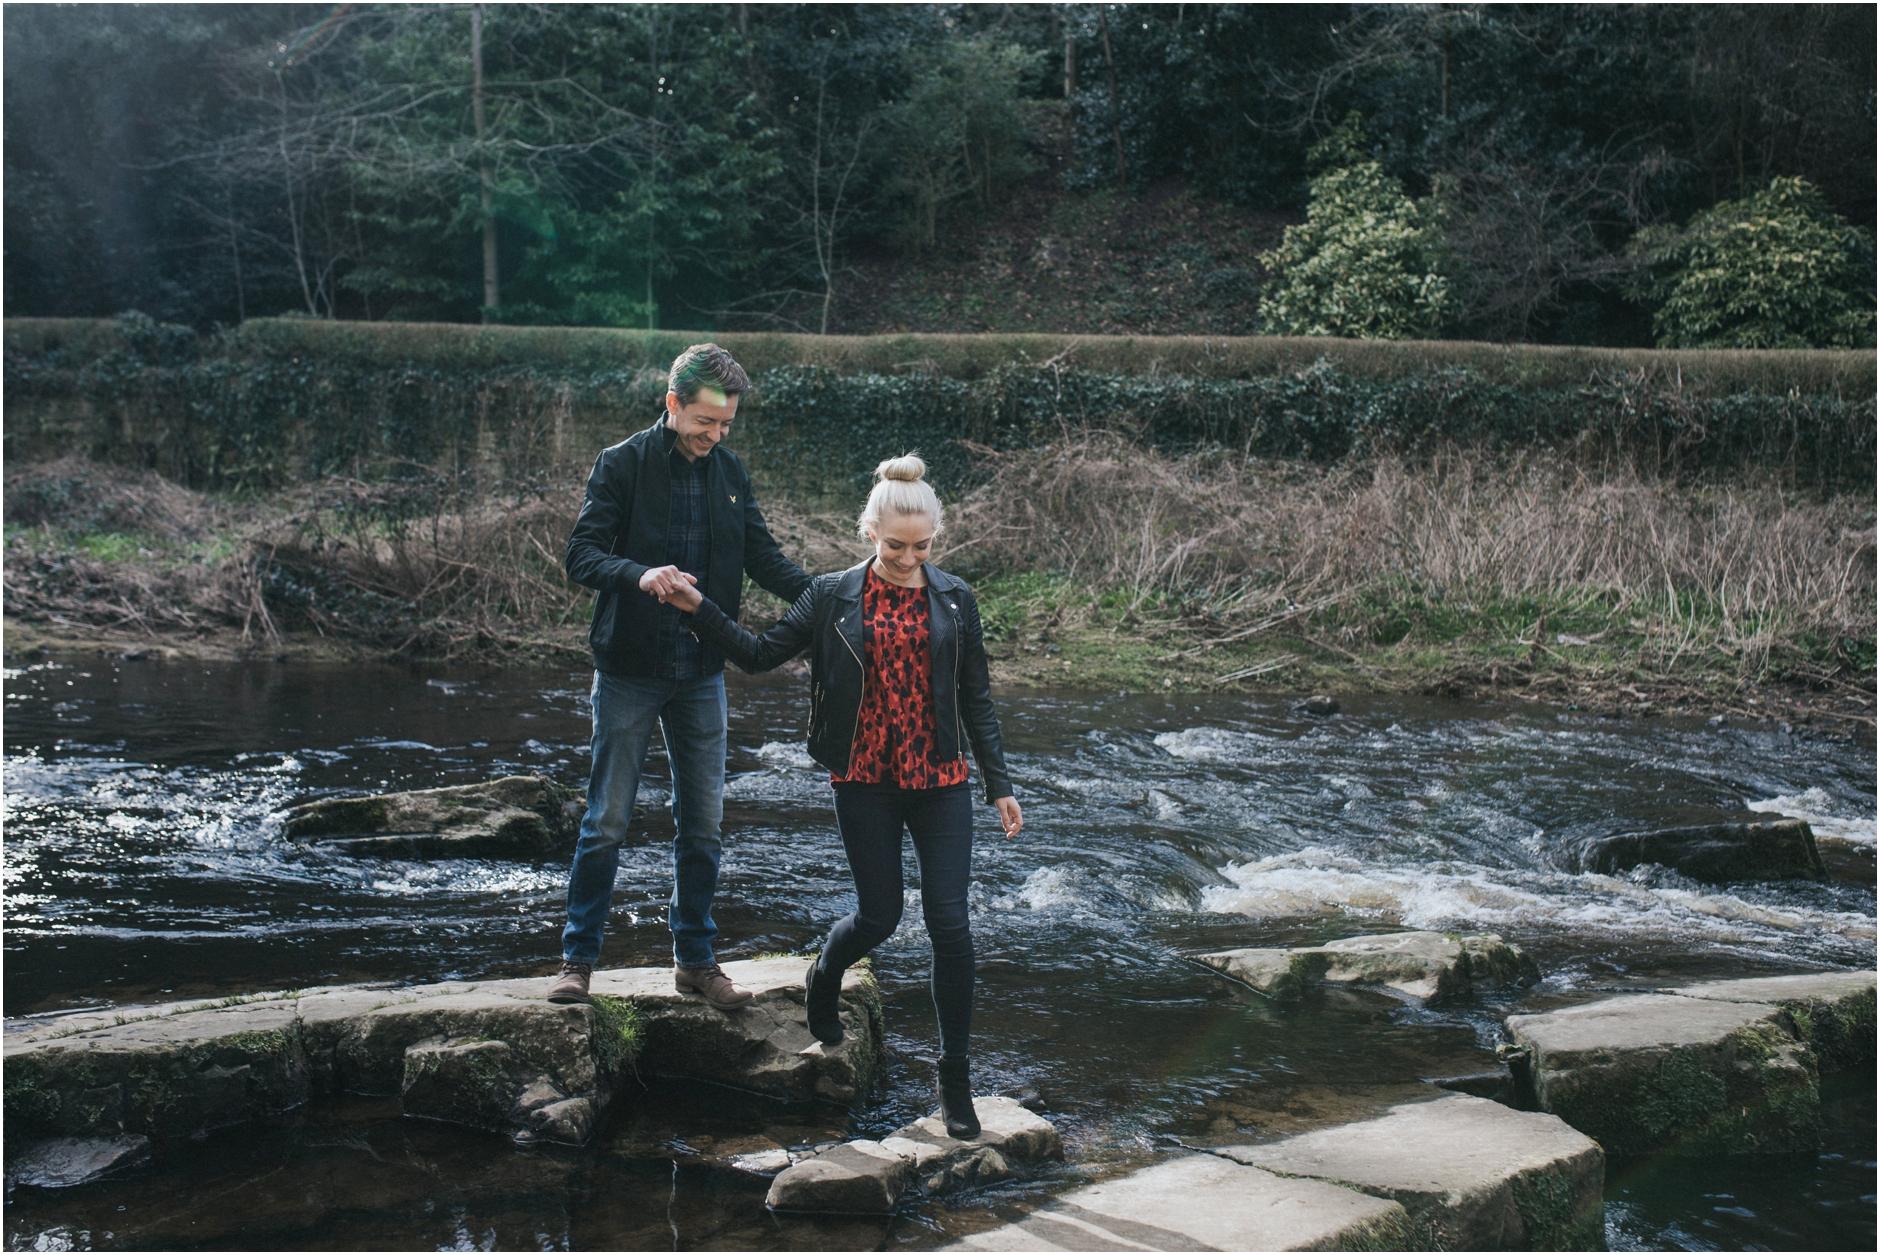 dean village edinburgh wedding engagement photoshoot